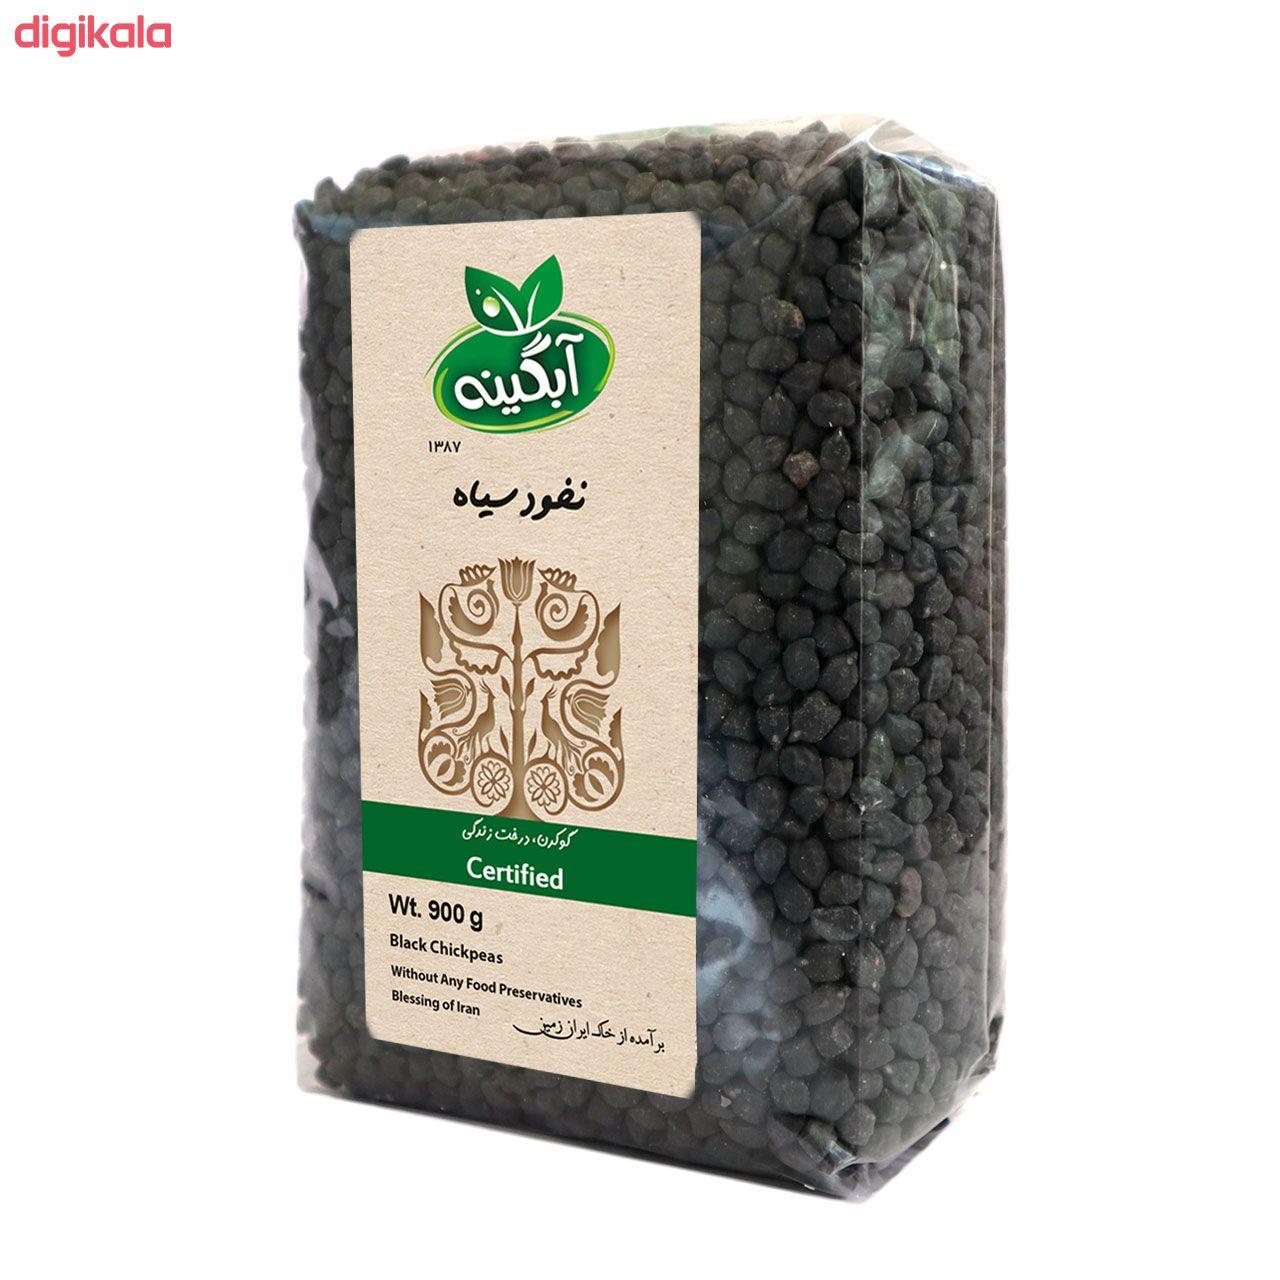 نخود سیاه ارگانیک آبگینه - 900 گرم main 1 1